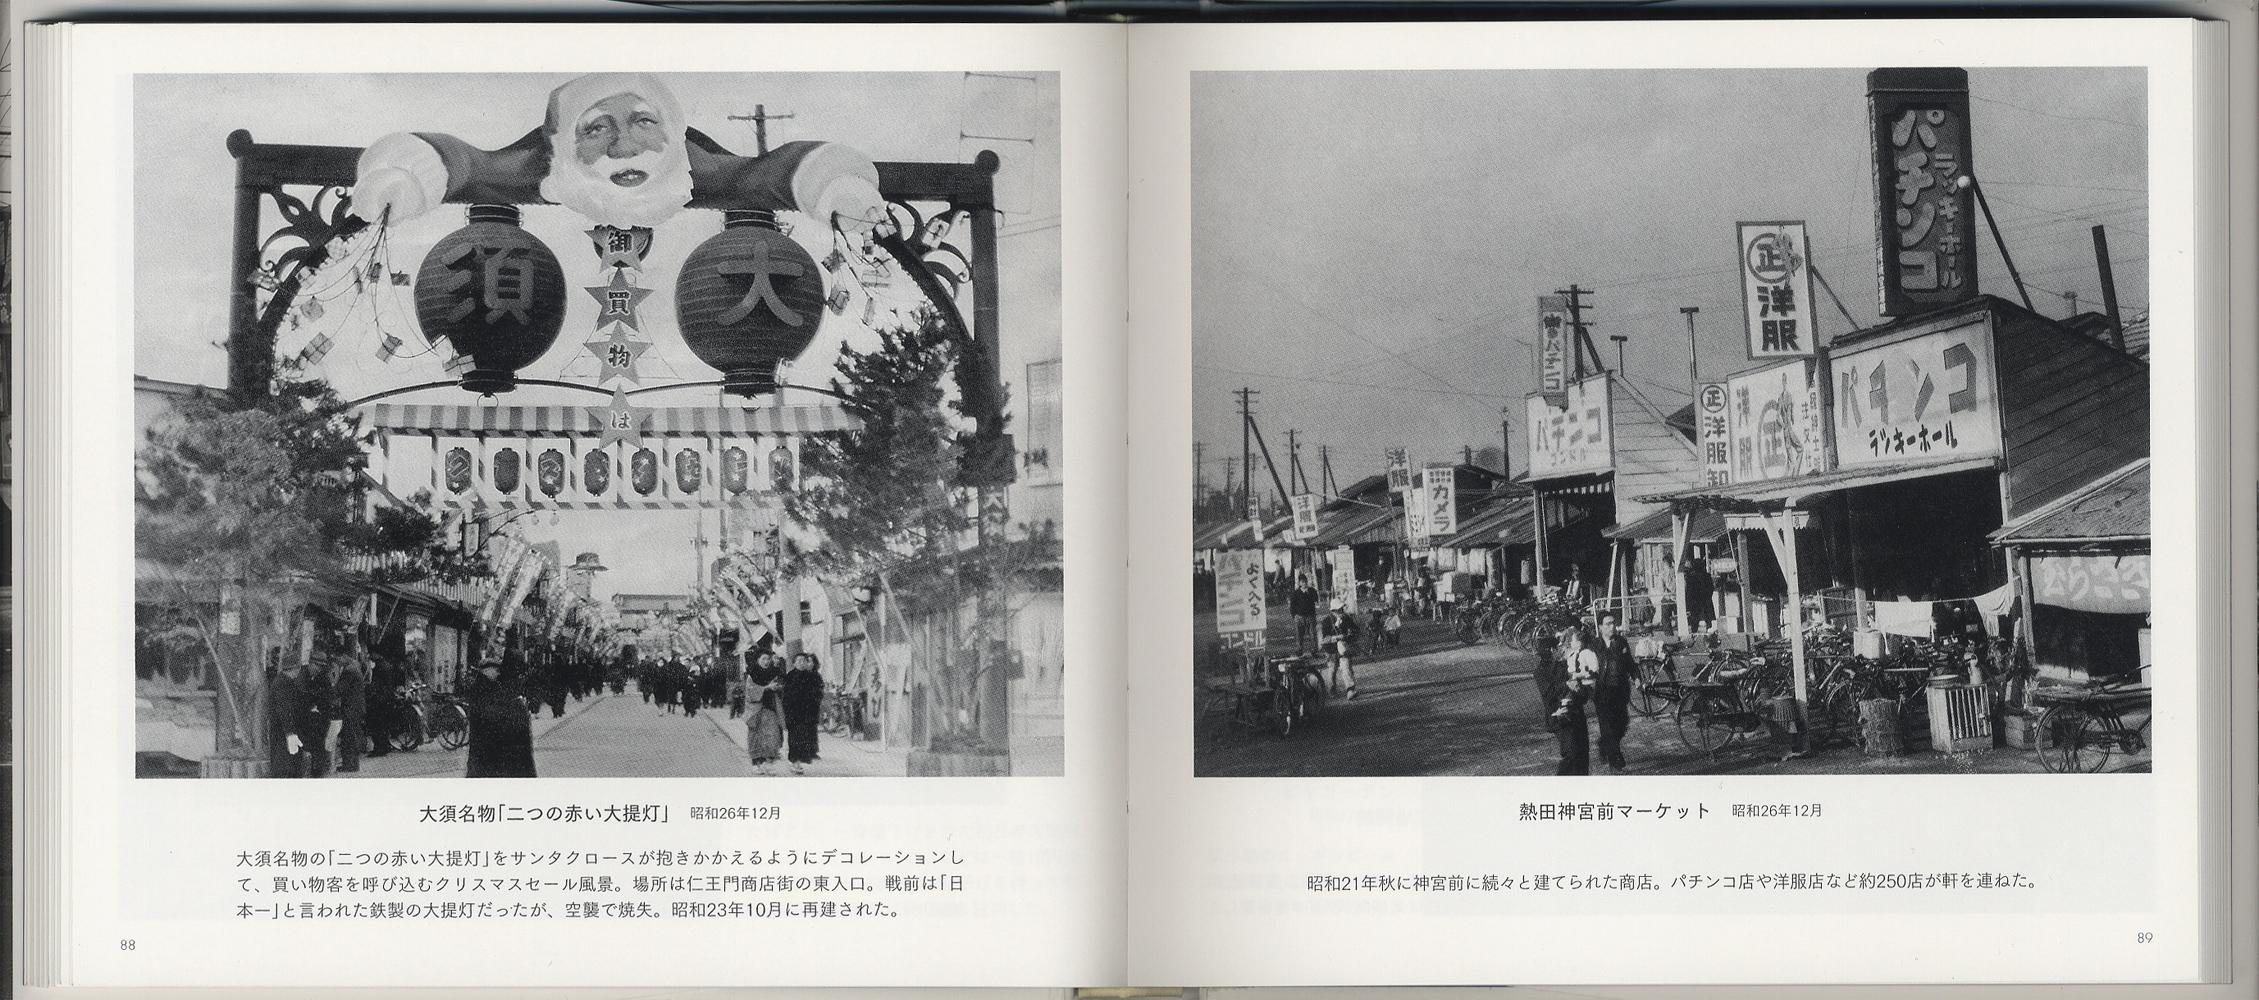 昭和の名古屋 昭和20〜40年代[image4]